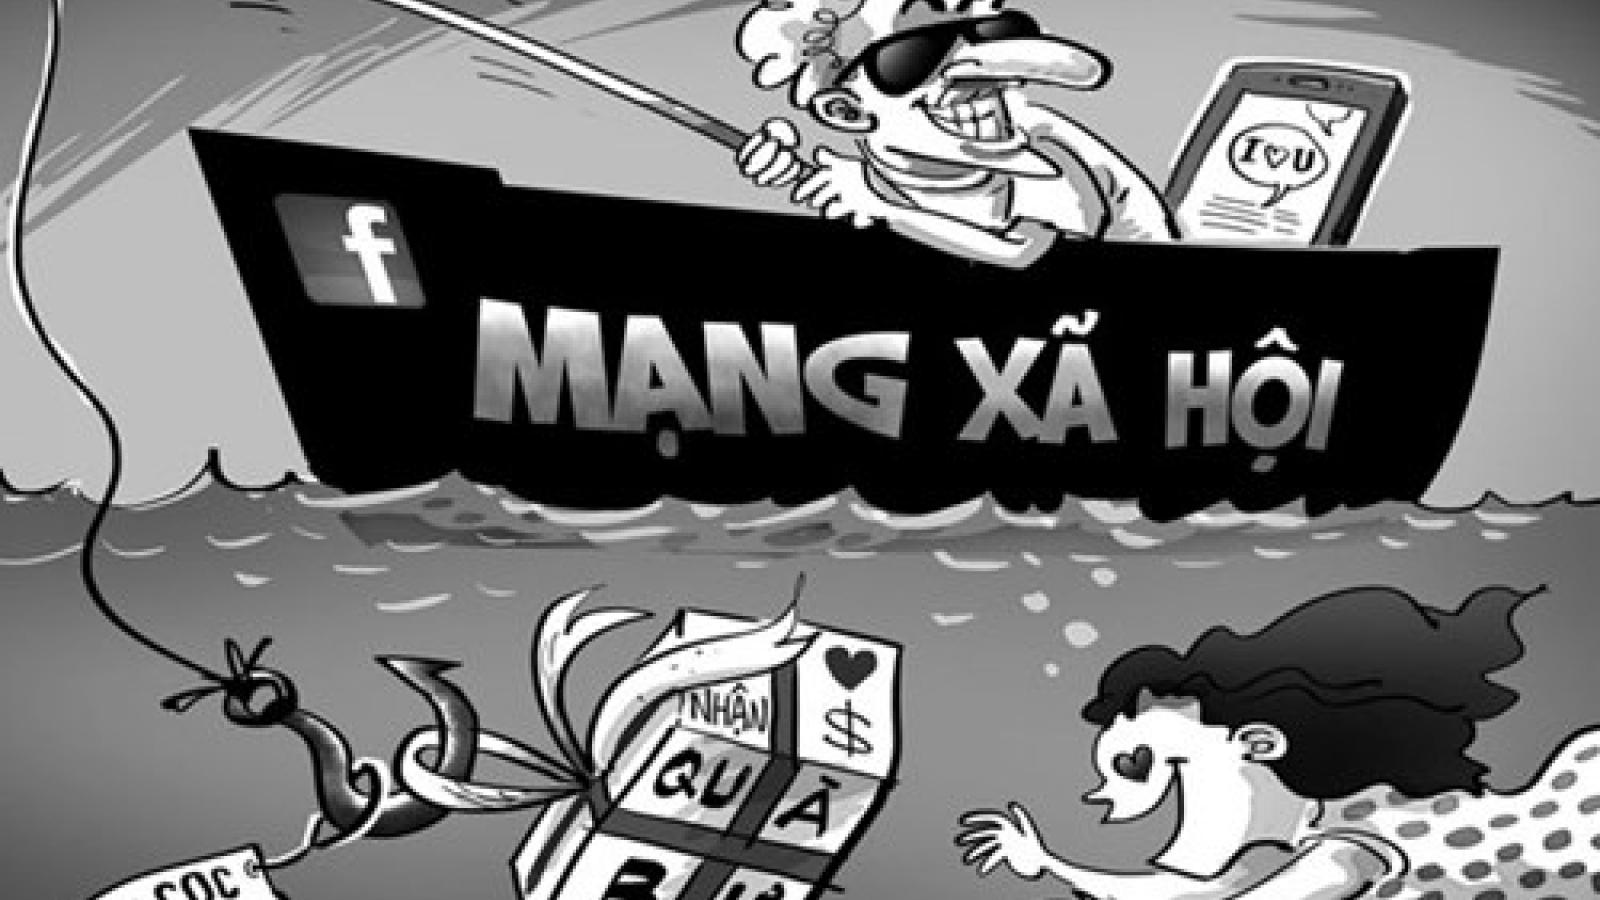 Bắc Giang: Bắt đối tượng lừa tiền và tình thiếu nữ qua mạng xã hội